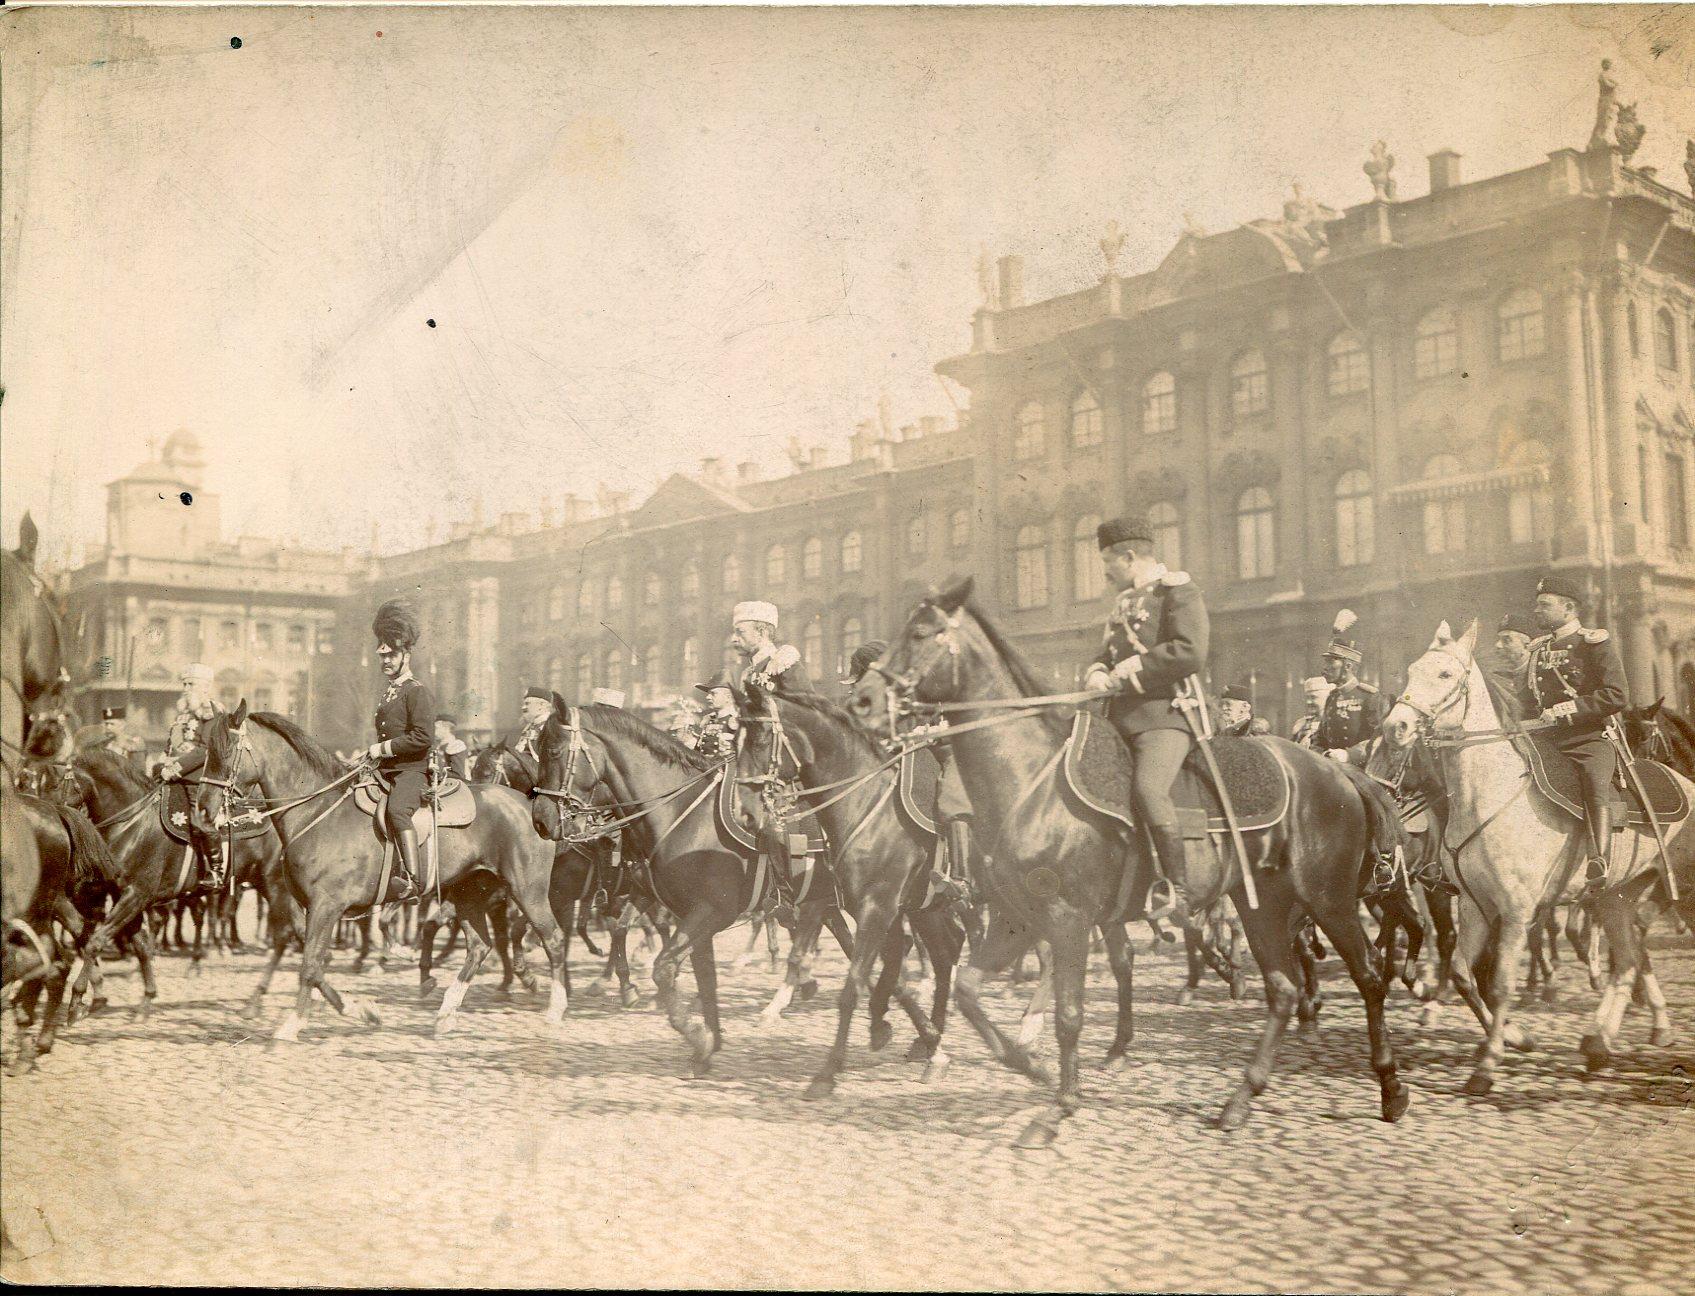 Фотография парада на фоне Зимнего Дворца в Санкт-Петербурге. Офицеры изображены с драгунскими шашками обр.1881